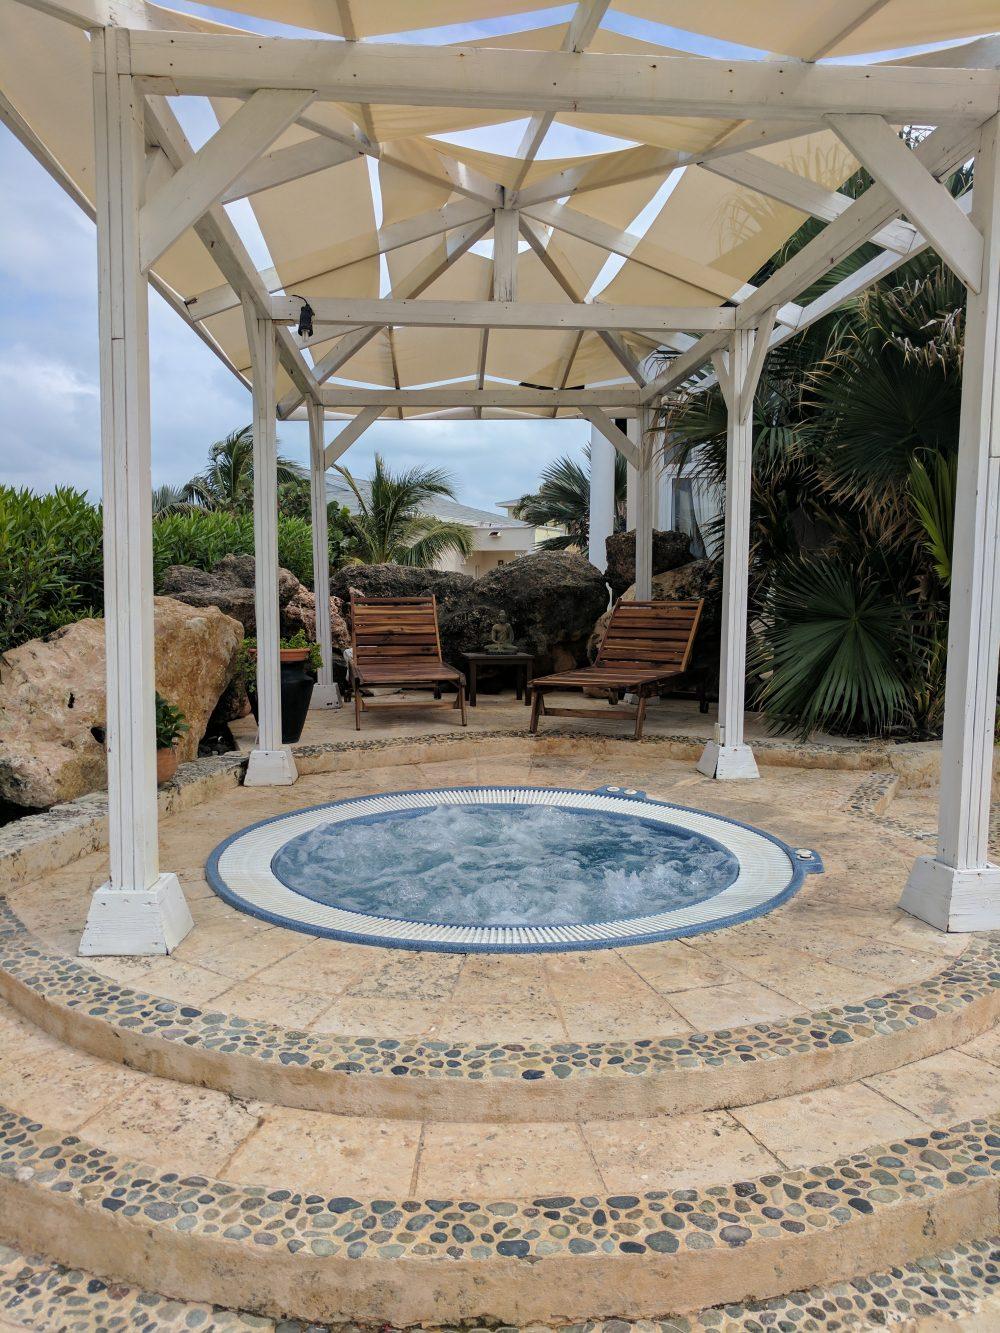 Whitney's Wonderland UK Top Luxury Fashion & Travel Blogger in Paradisus Varadero Spa